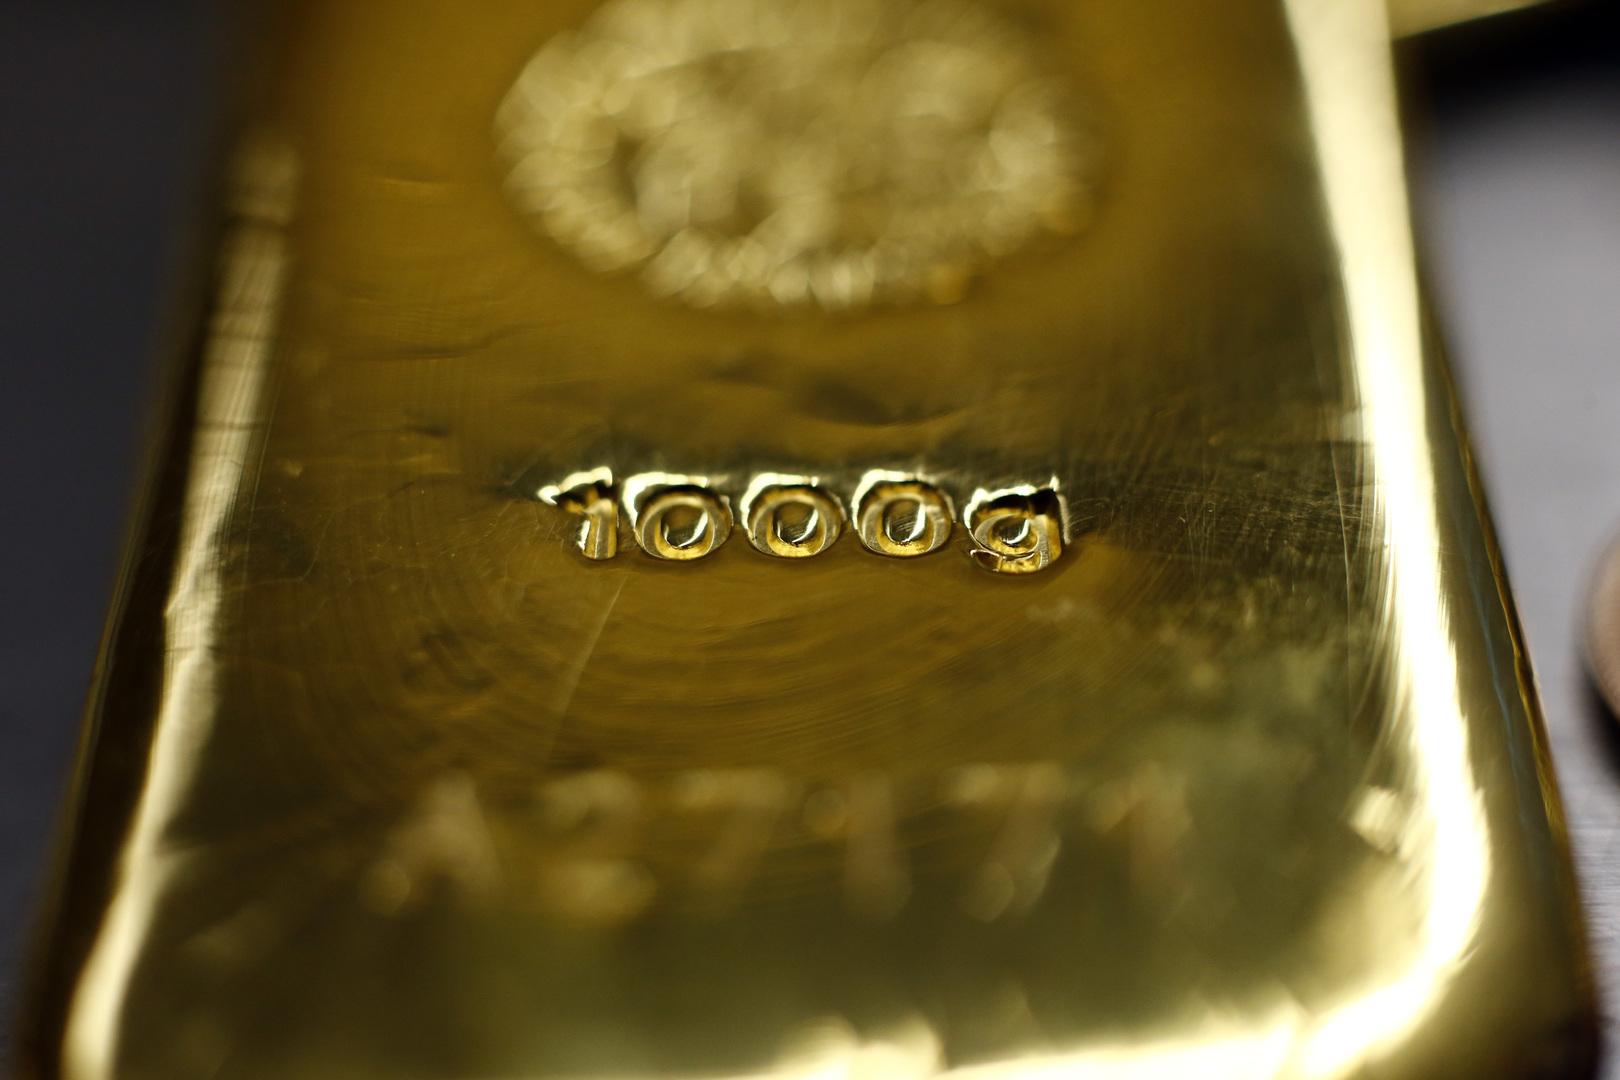 الذهب يتجه نحو تسجيل ثالث مكسب أسبوعي على التوالي